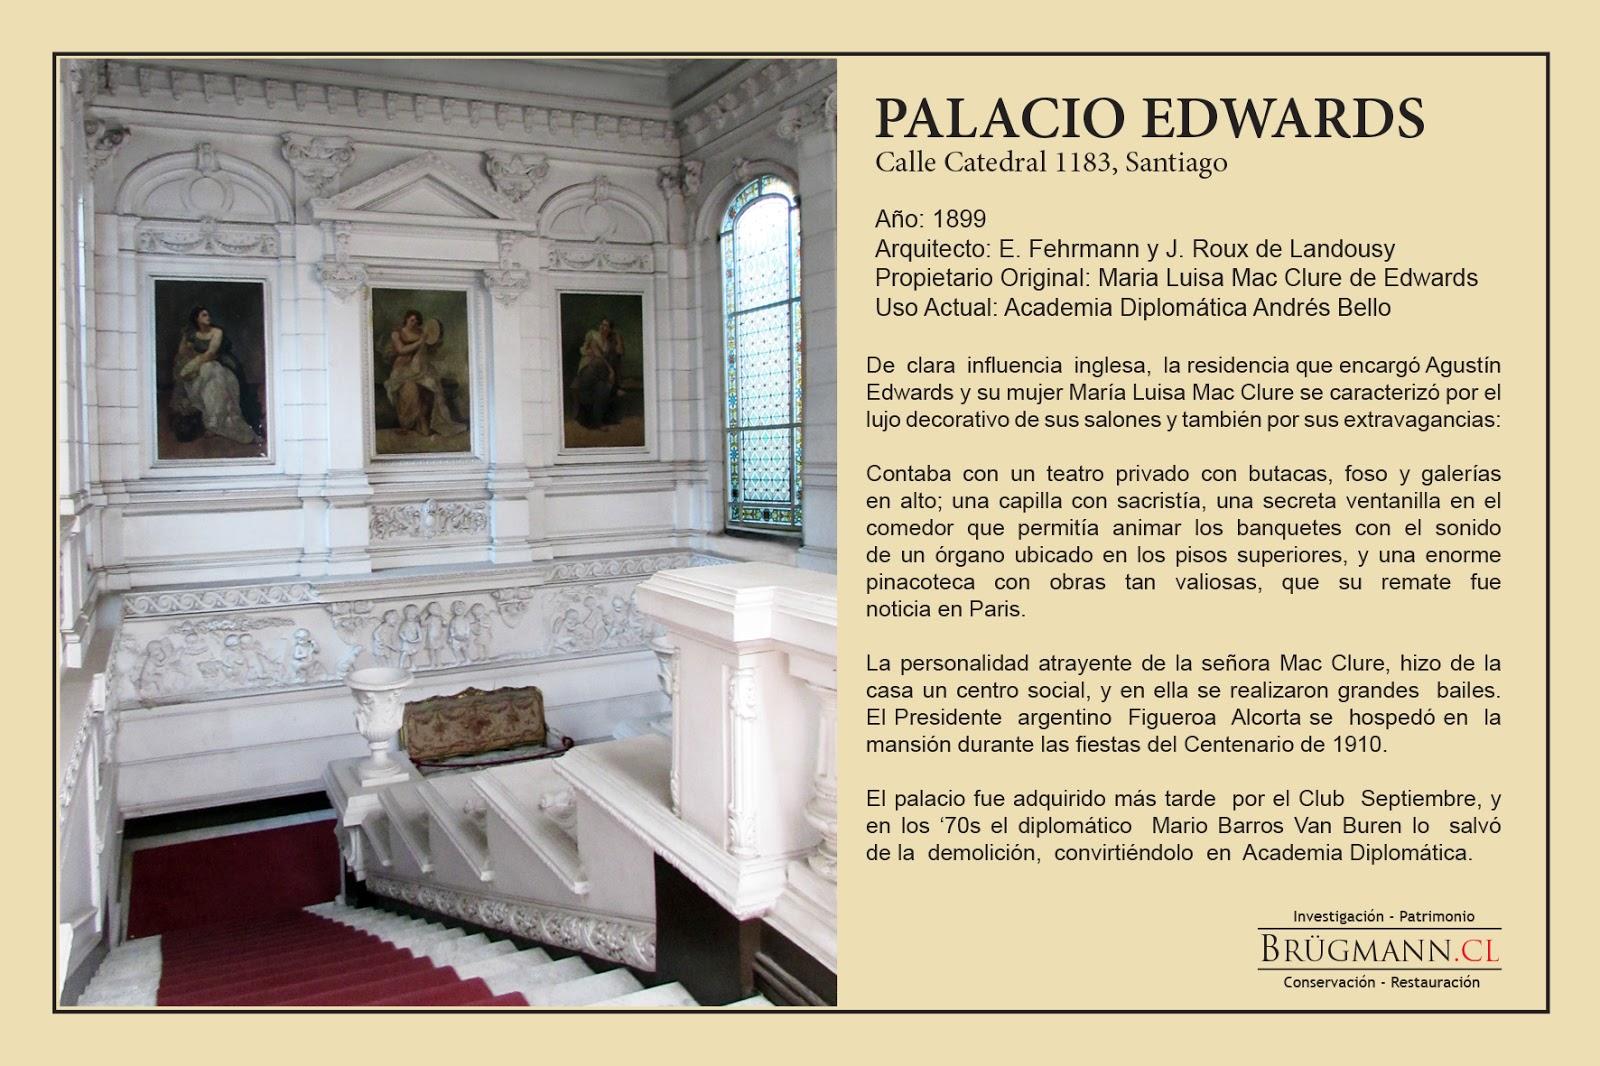 Brugmann- Conservación y Restauración de objetos de arte: PALACIOS